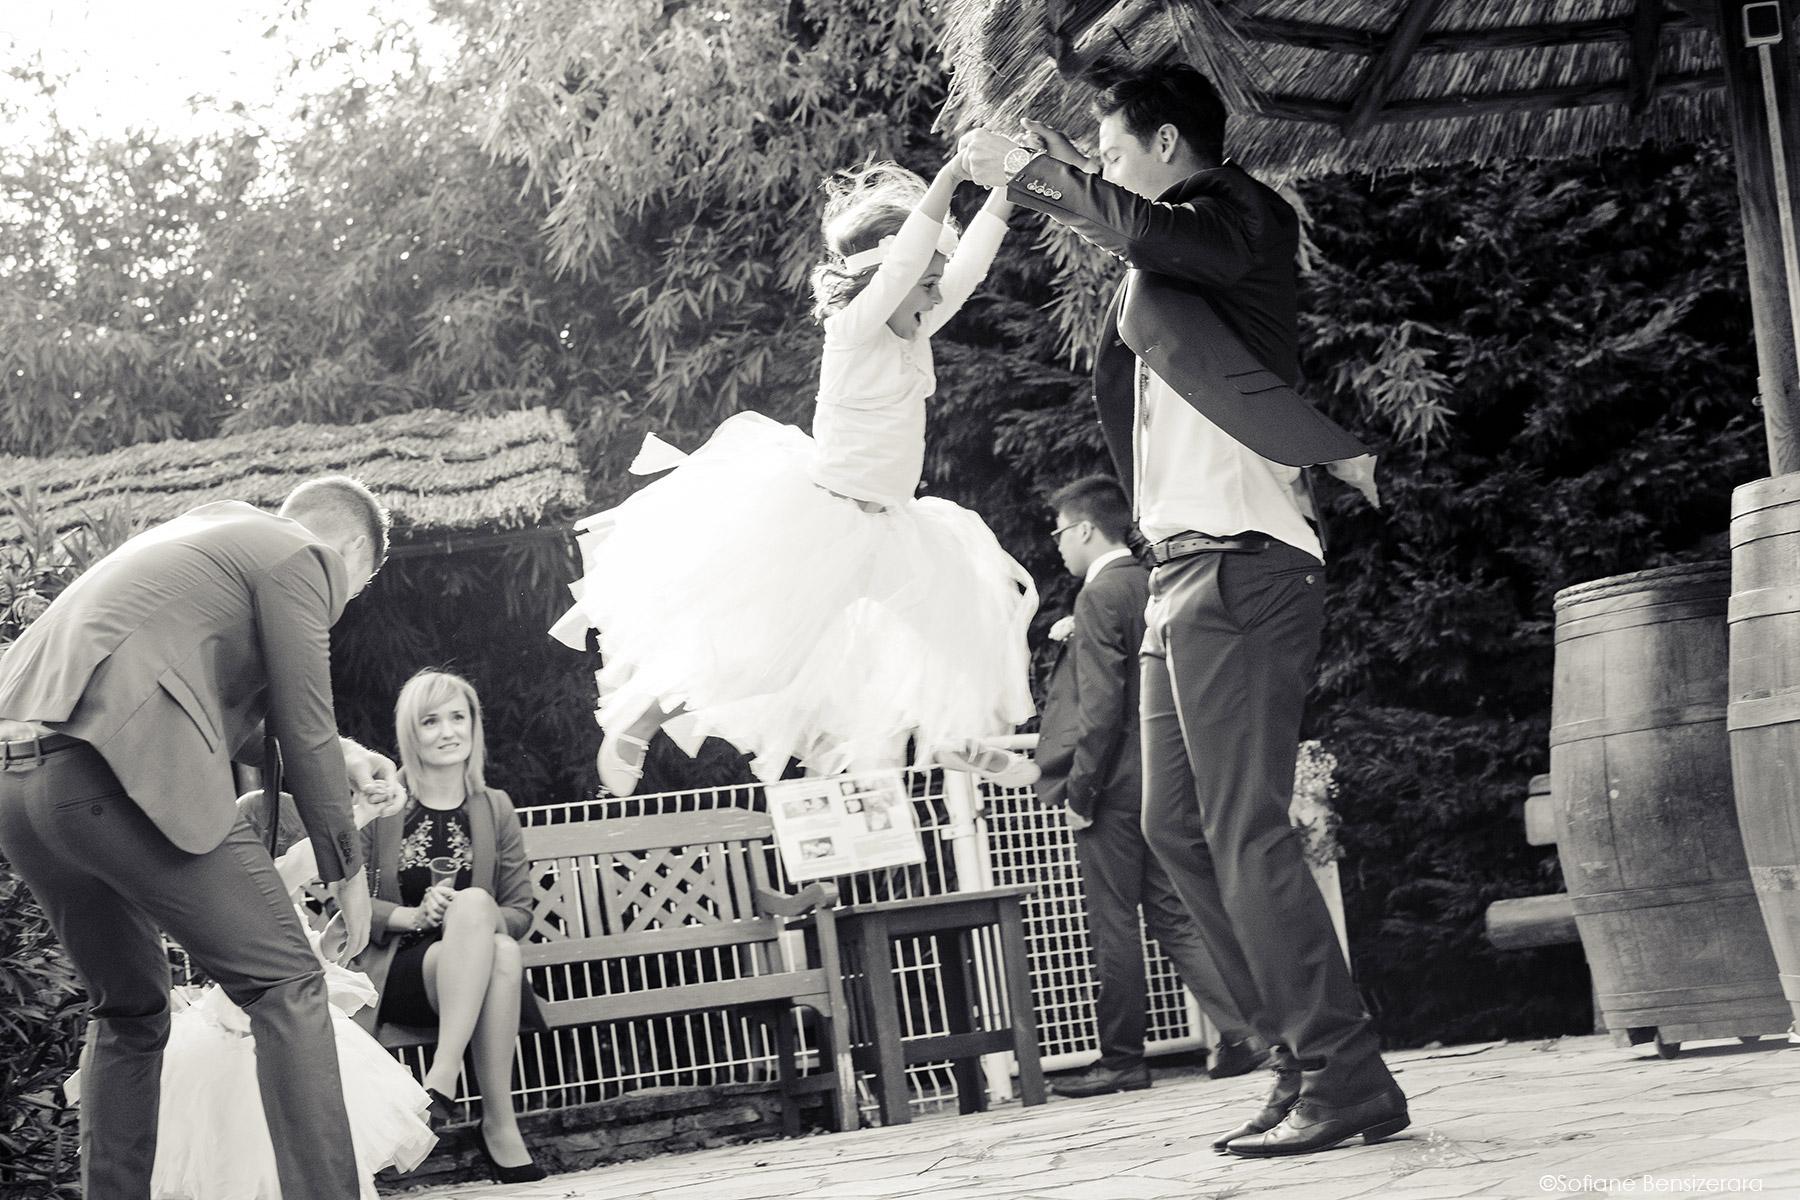 Mariage de Jennifer & Kham à Tournefeuille 23 photo instant sur le vif mariage